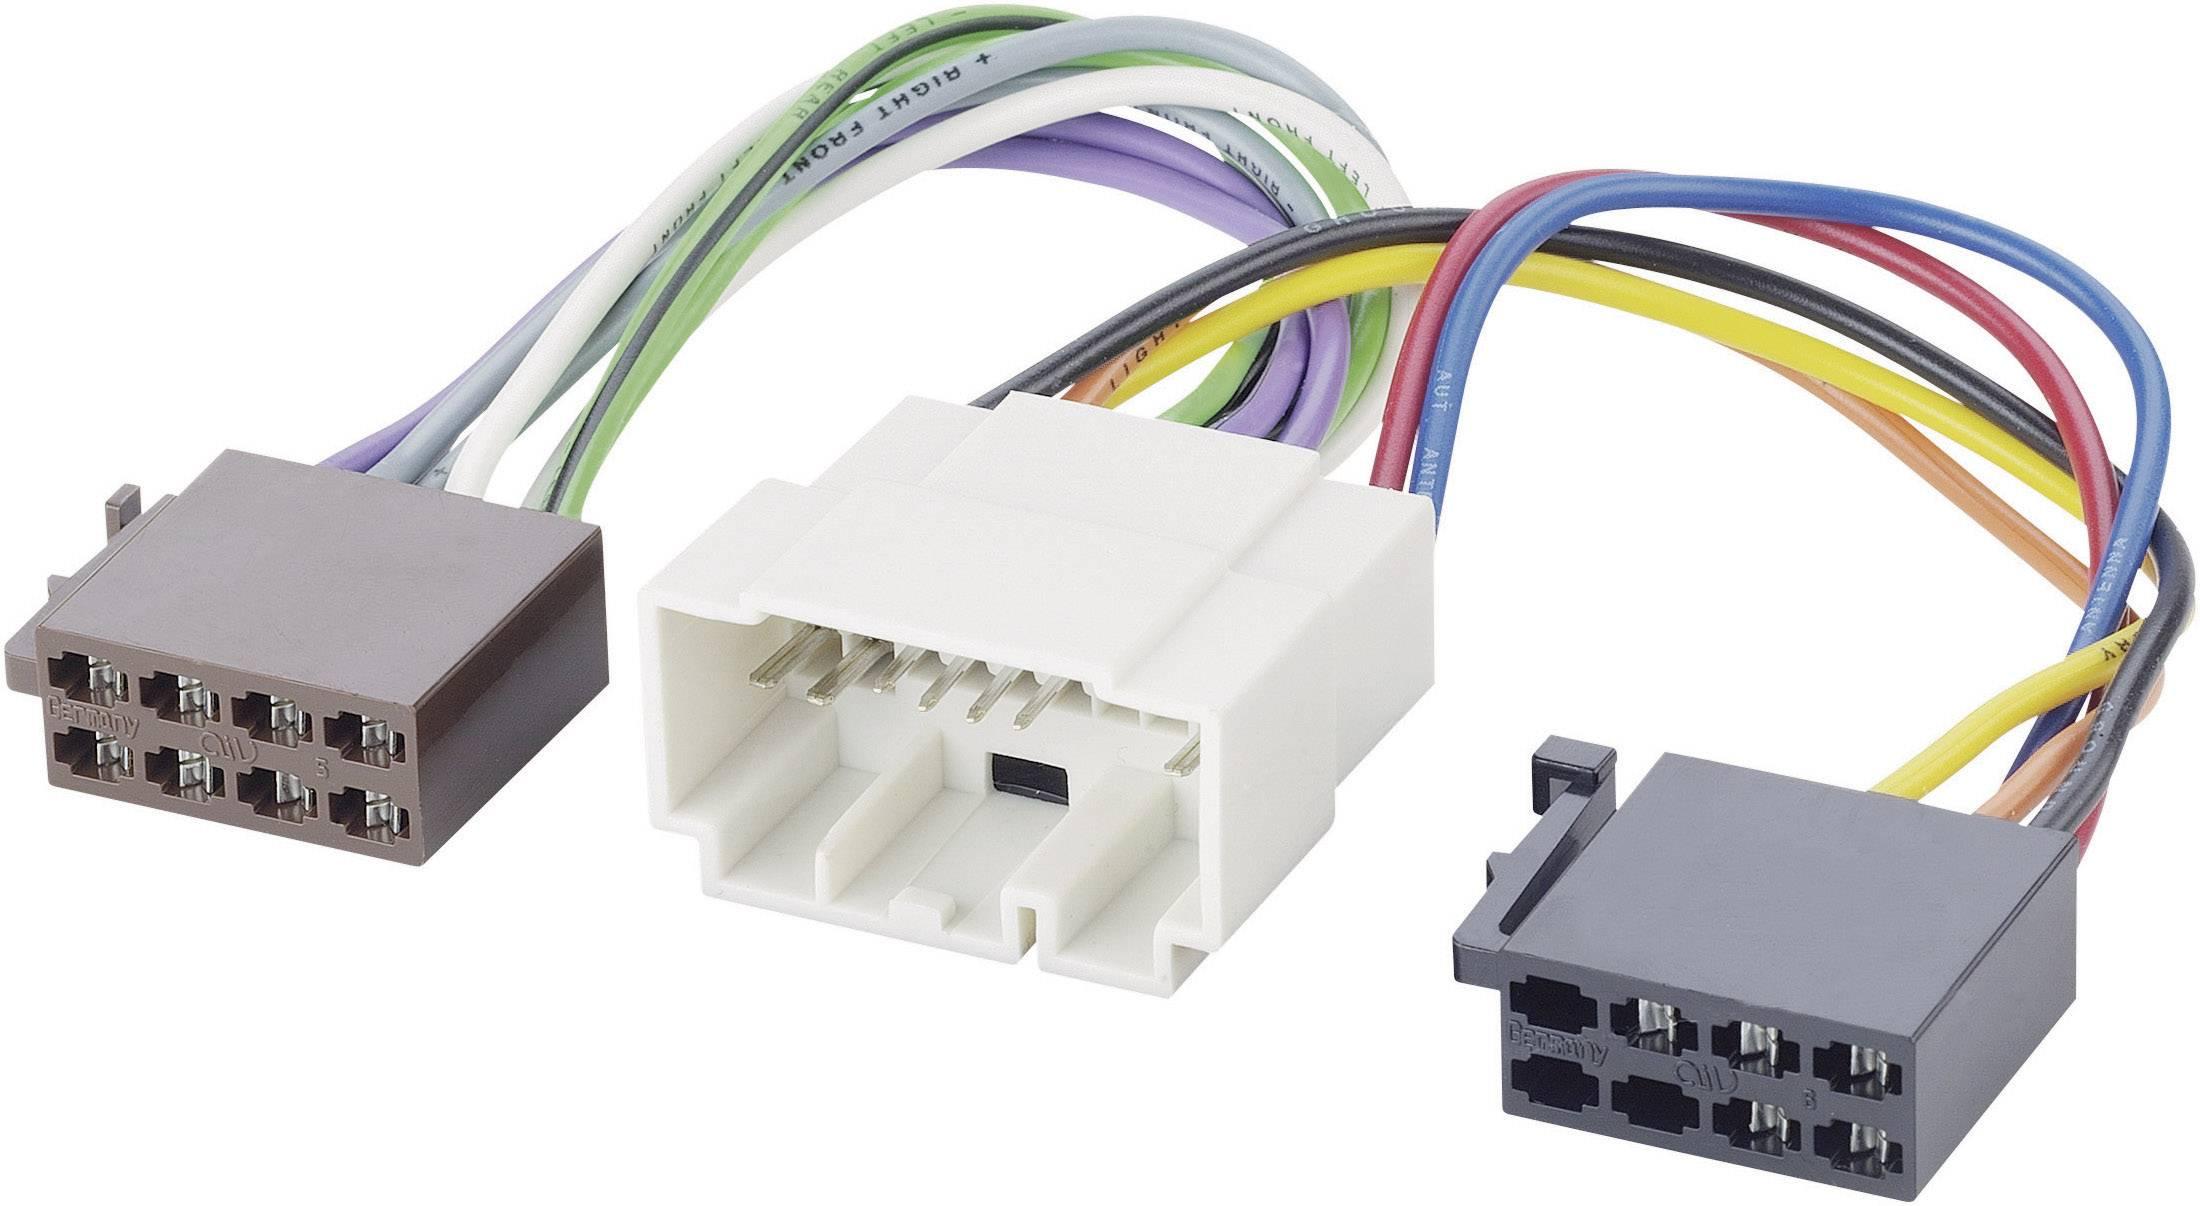 ISO adaptérový kábel pre autorádio AIV 41C993 vhodné pre autá Fiat, Honda, Nissan, Suzuki